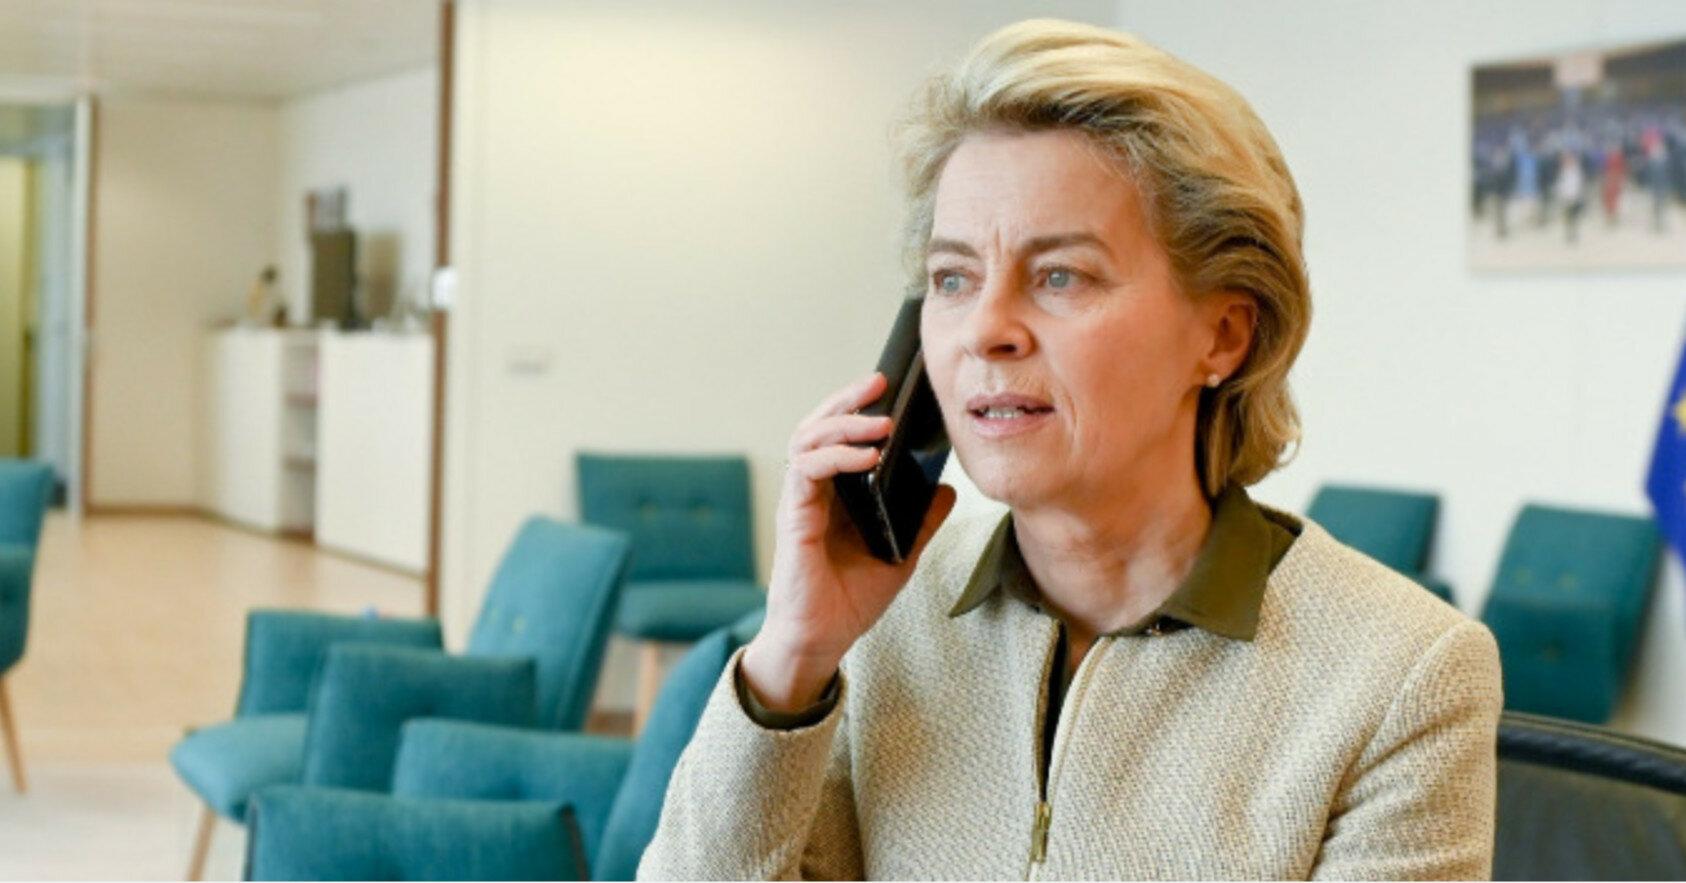 ЕС выделит €25,4 млн для помощи жителям Донбасса